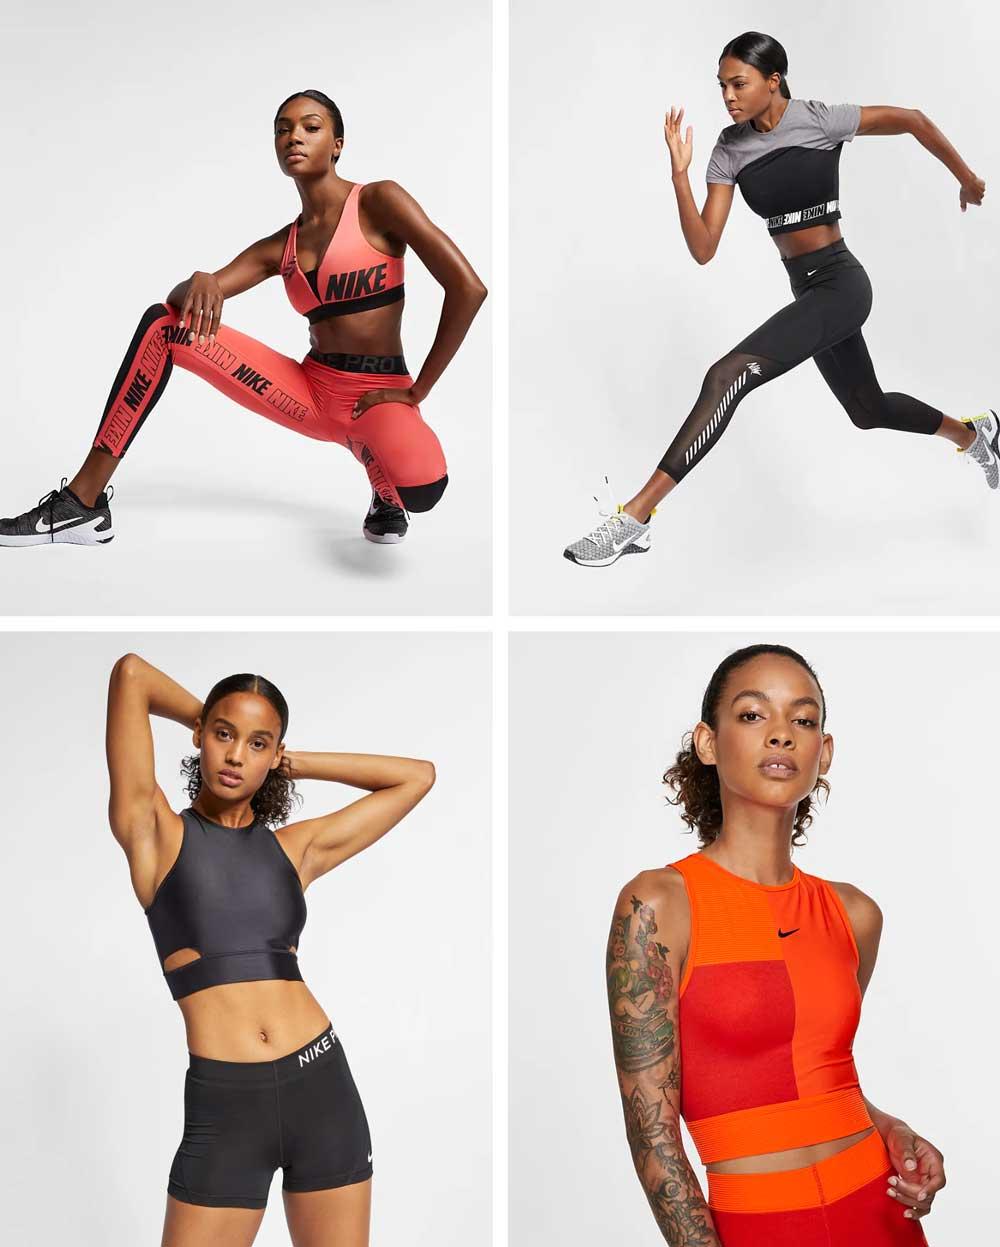 Nikeのセットアップ